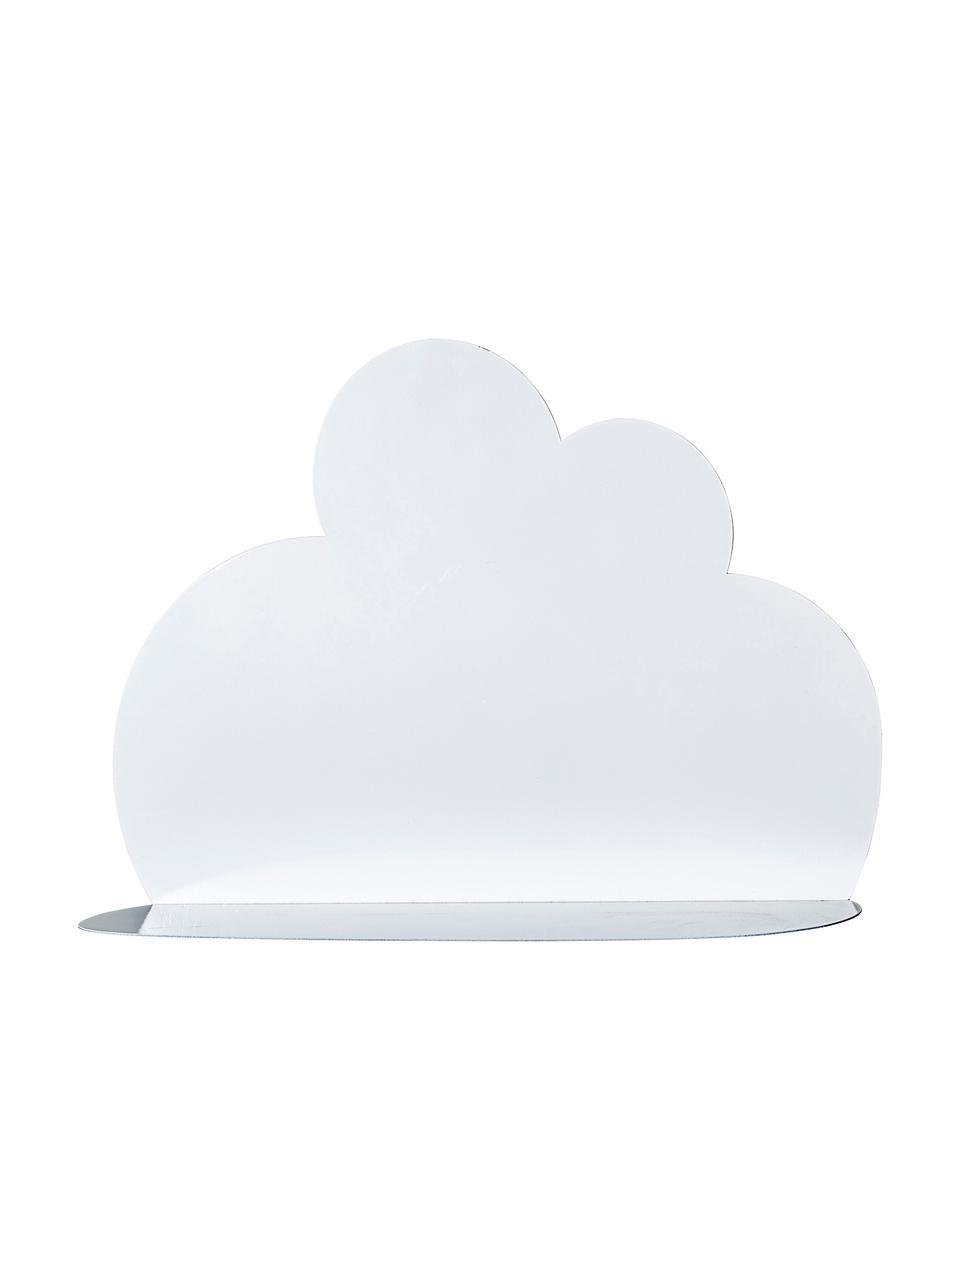 Mensola a nuvola in metallo Cloud, Metallo verniciato, Bianco, Larg. 40 x Alt. 30 cm